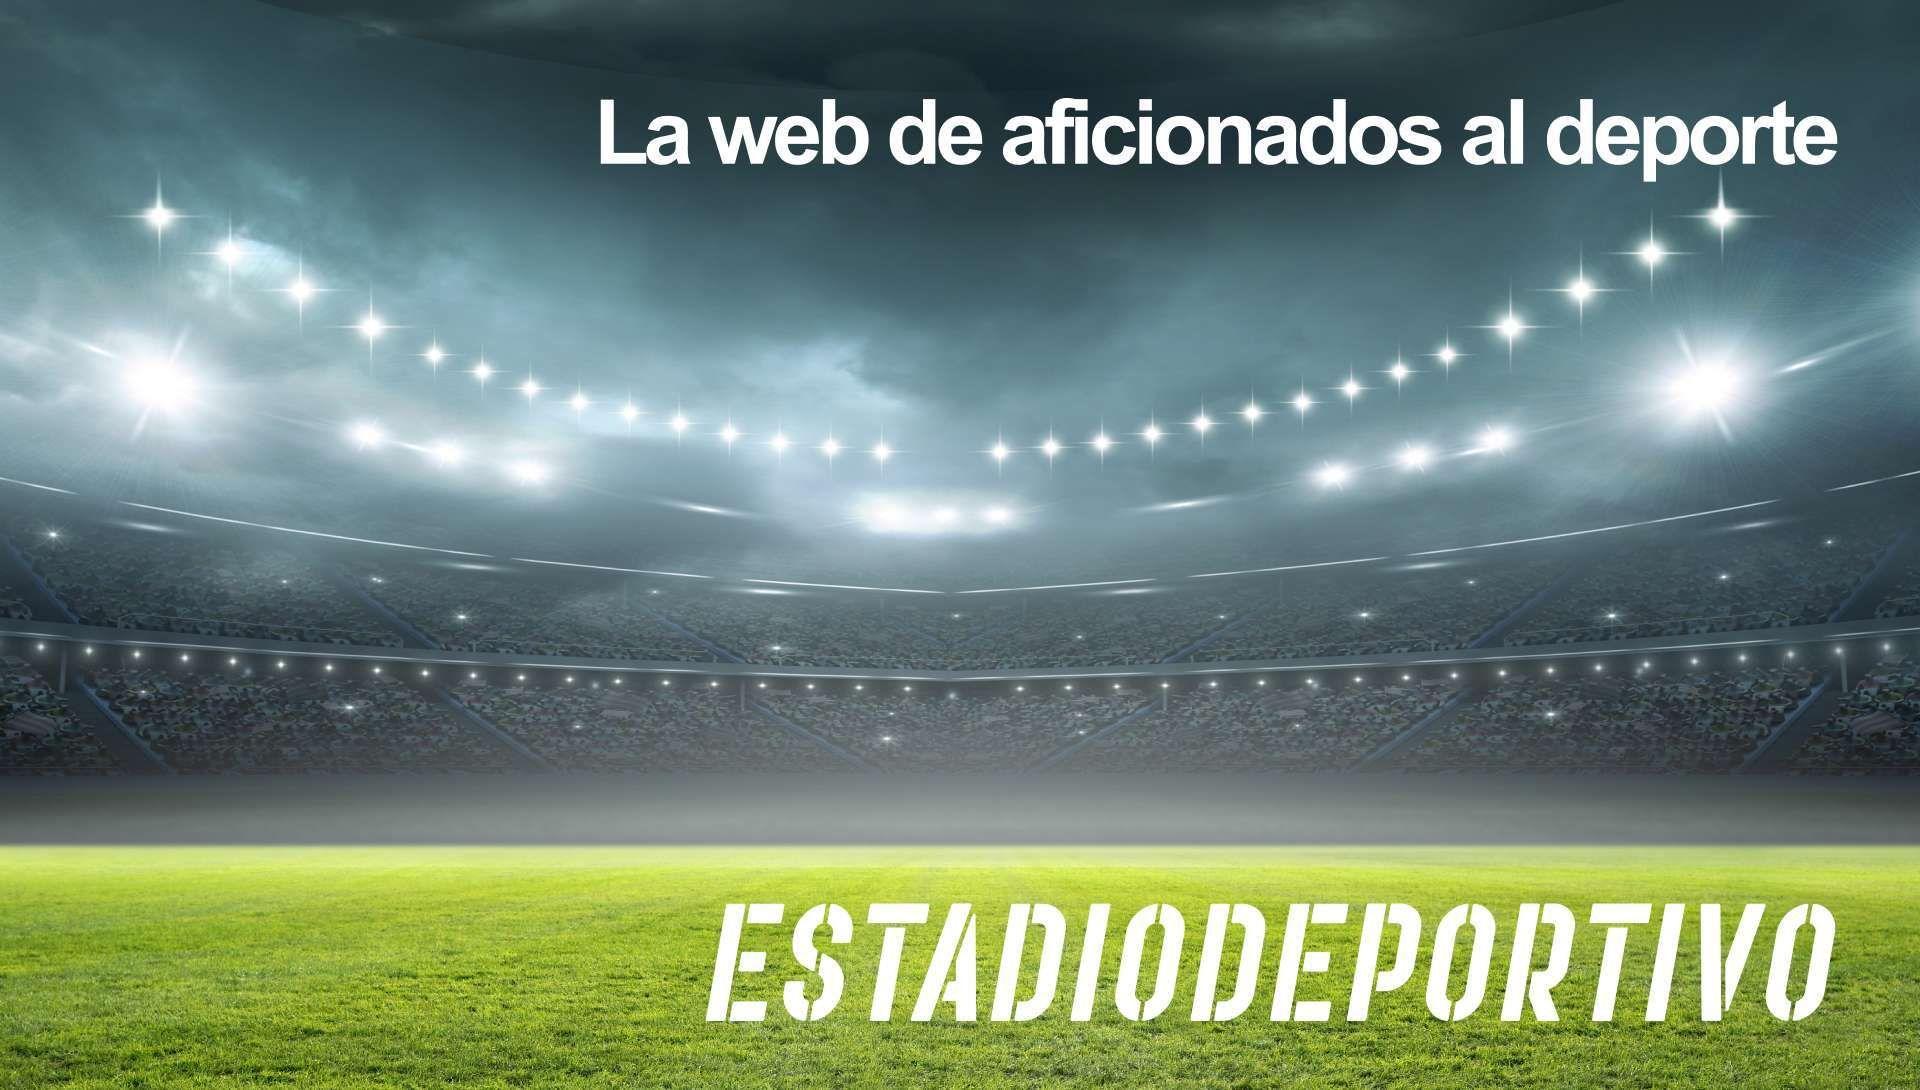 La camiseta del Sevilla para el trofeo Antonio Puerta